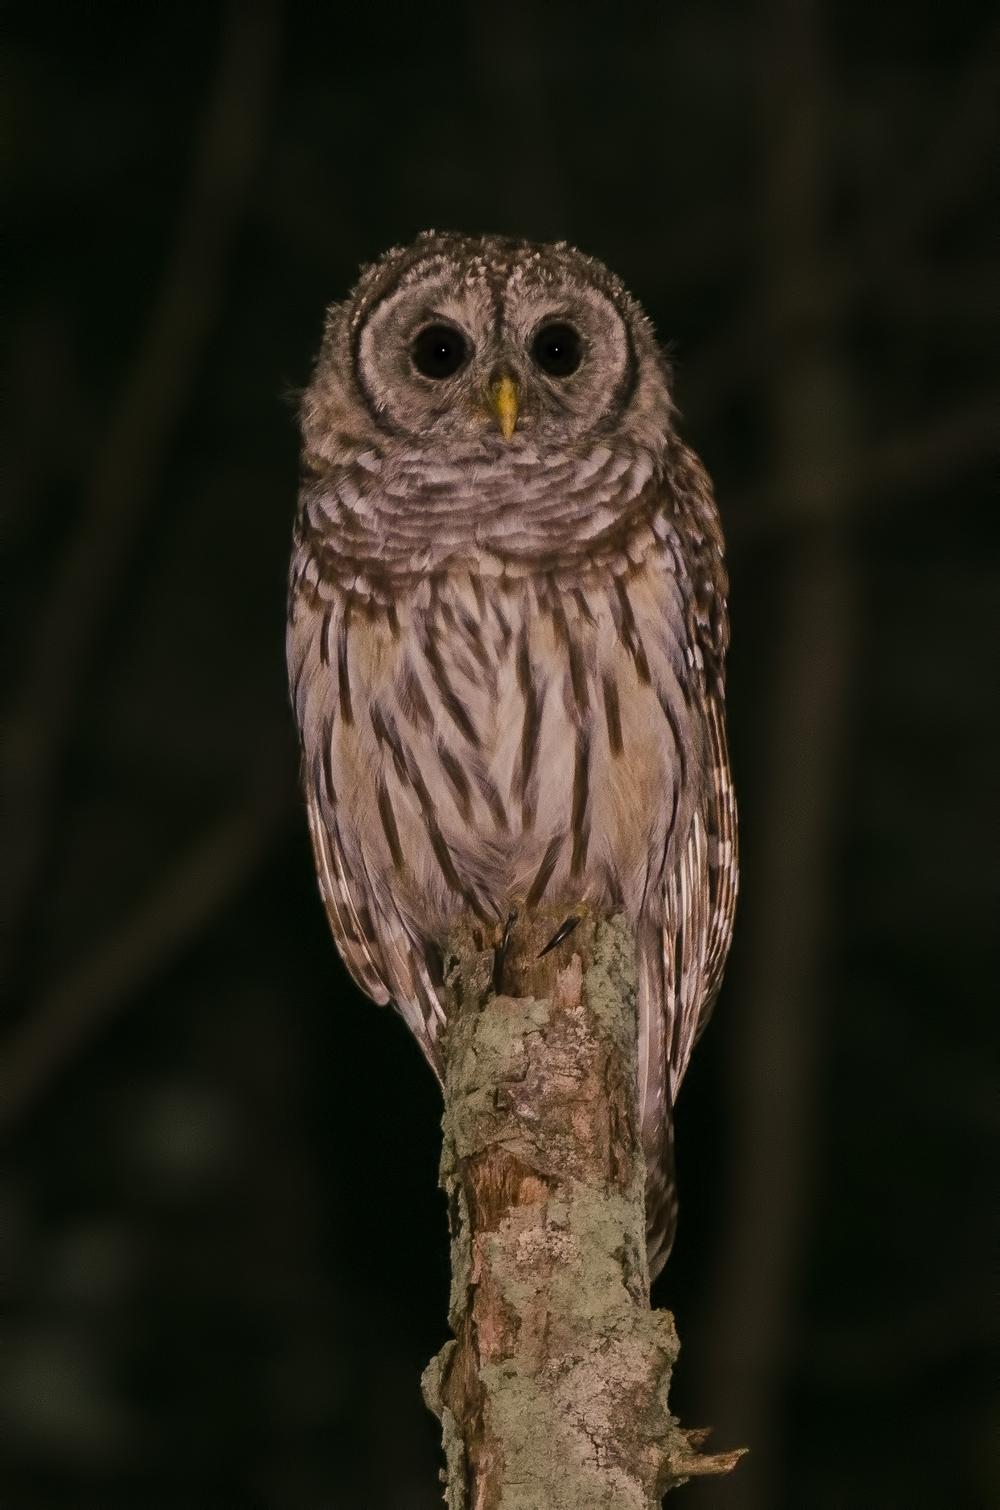 Juvenile Barred Owl  Nikon D7000 ISO 800 200mm f/5.0 1/50 sec.